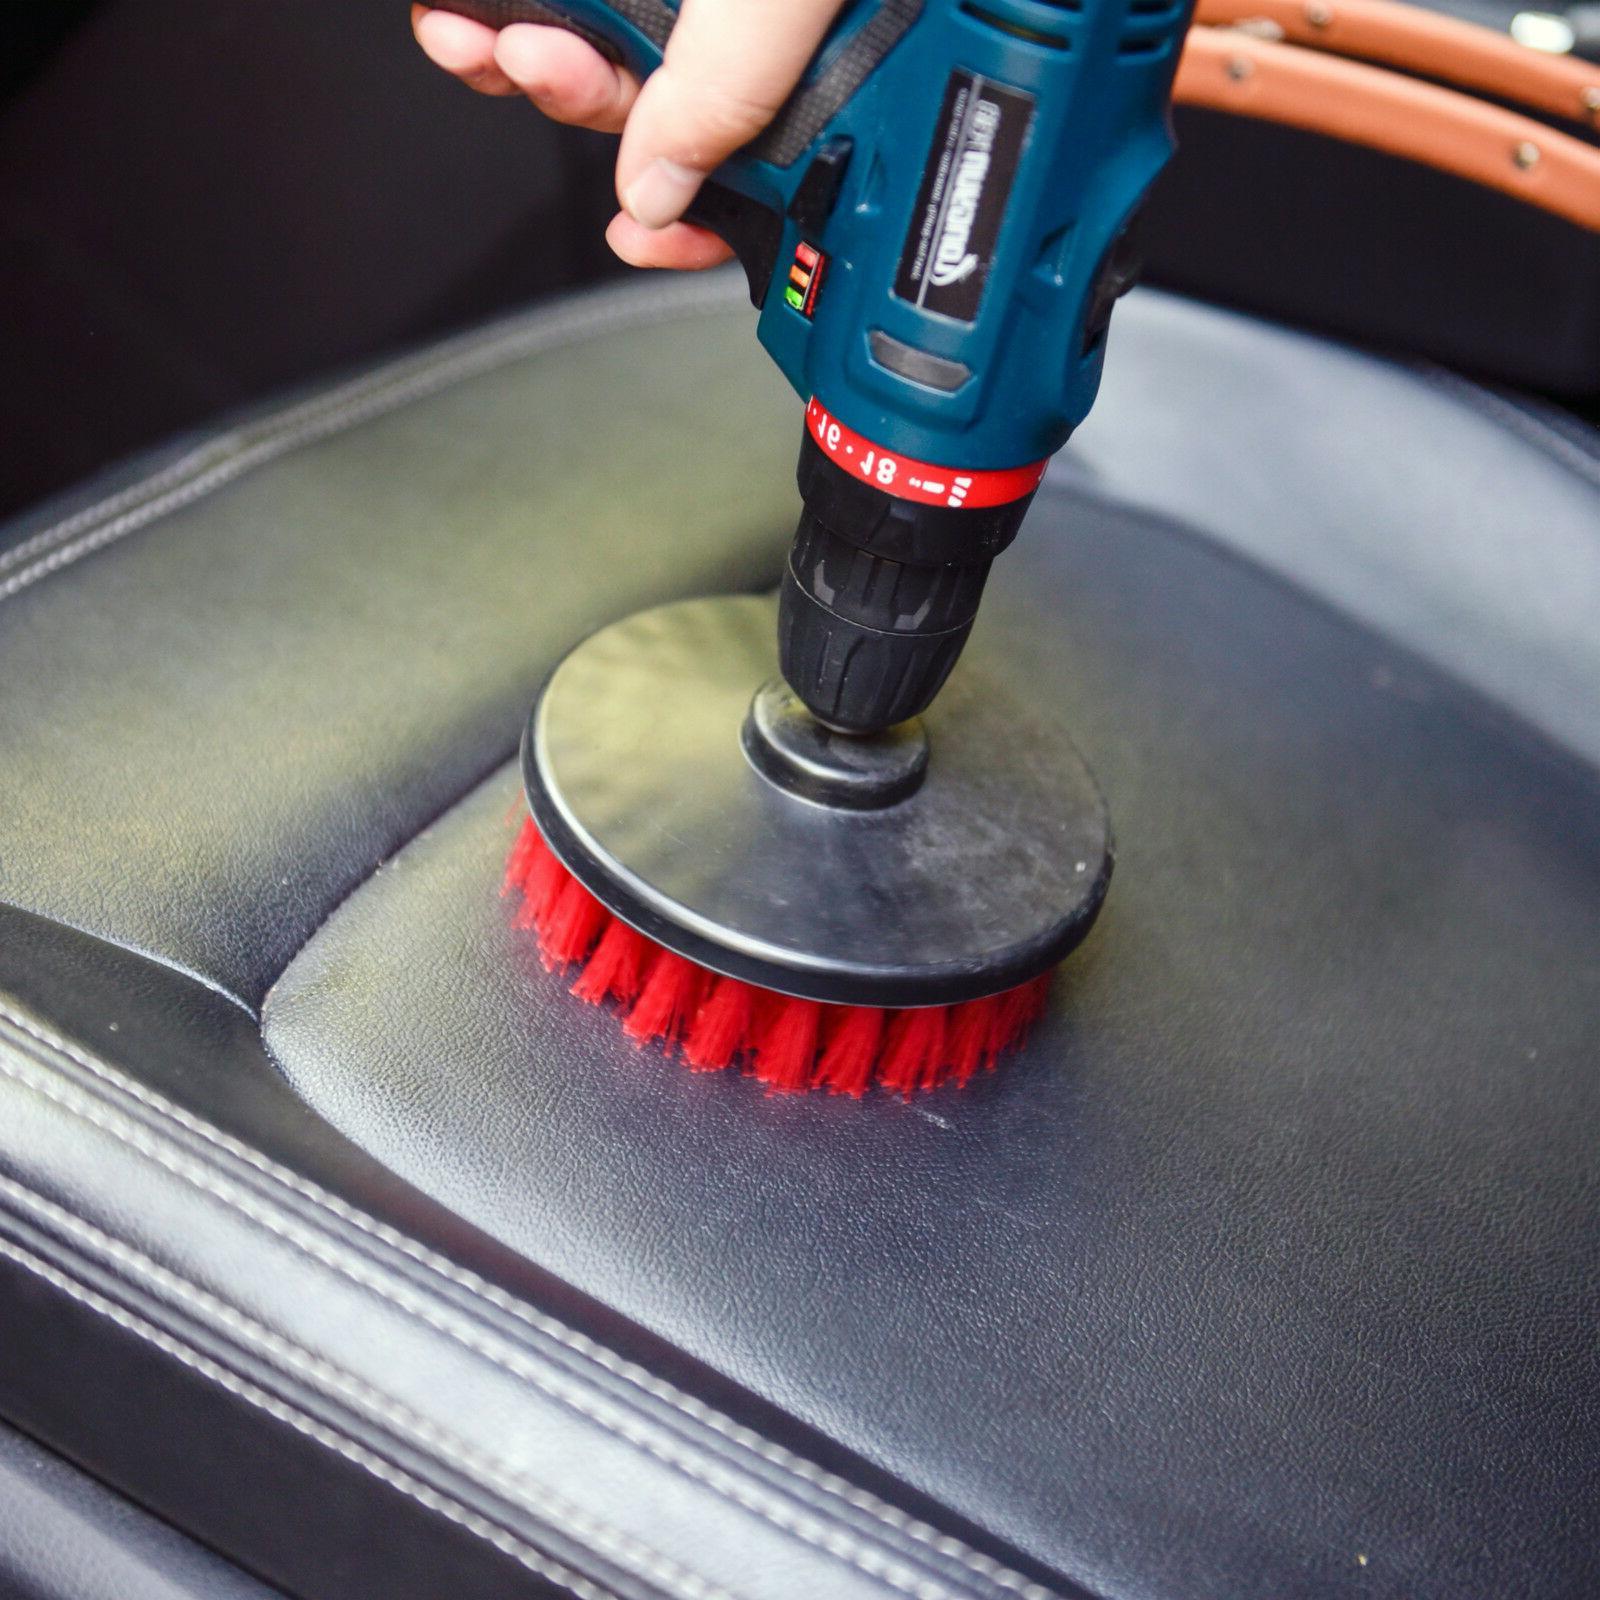 Heavy Duty Scrub Brush with Power Drill